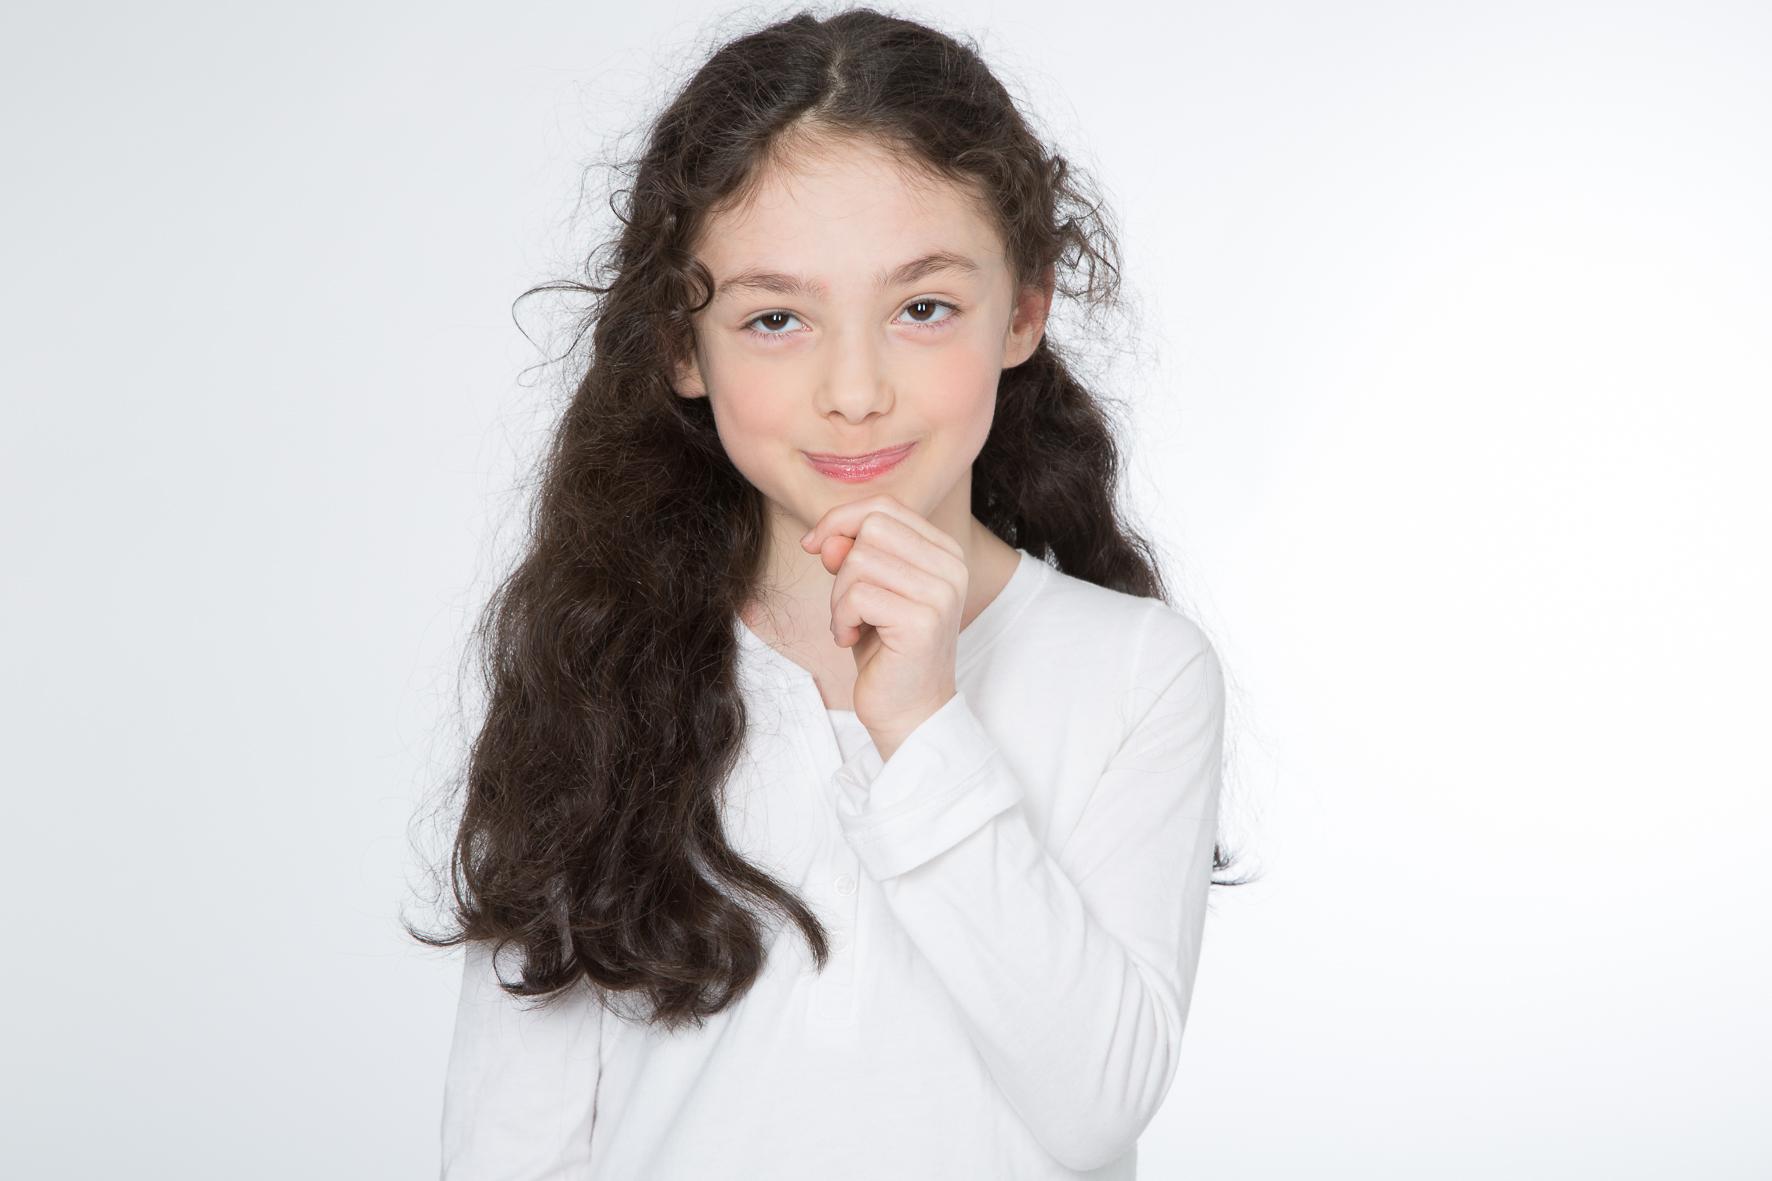 Julia Altenb Young Model